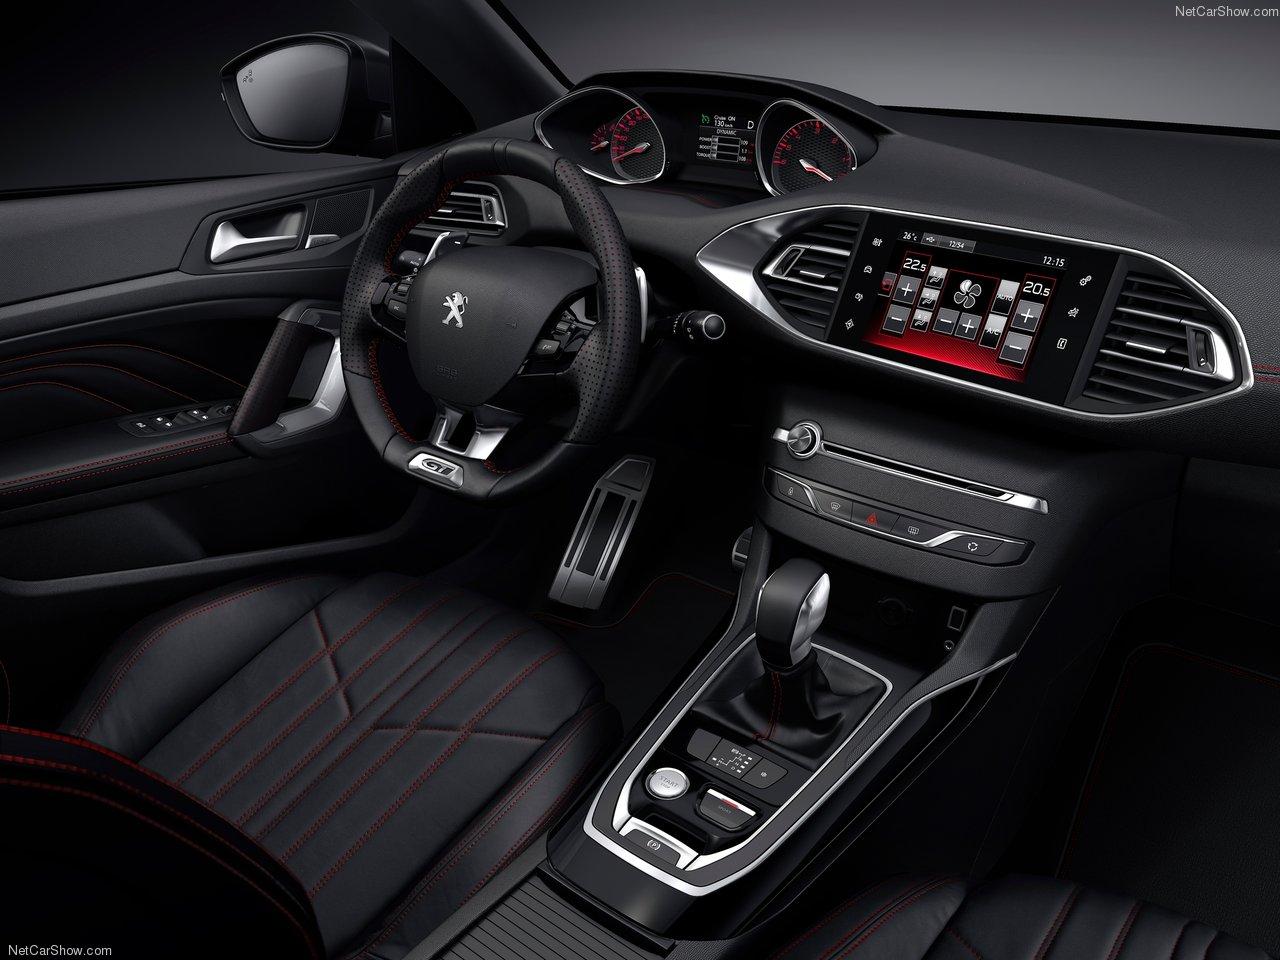 Peugeot-308_GT-2015-1280-2b